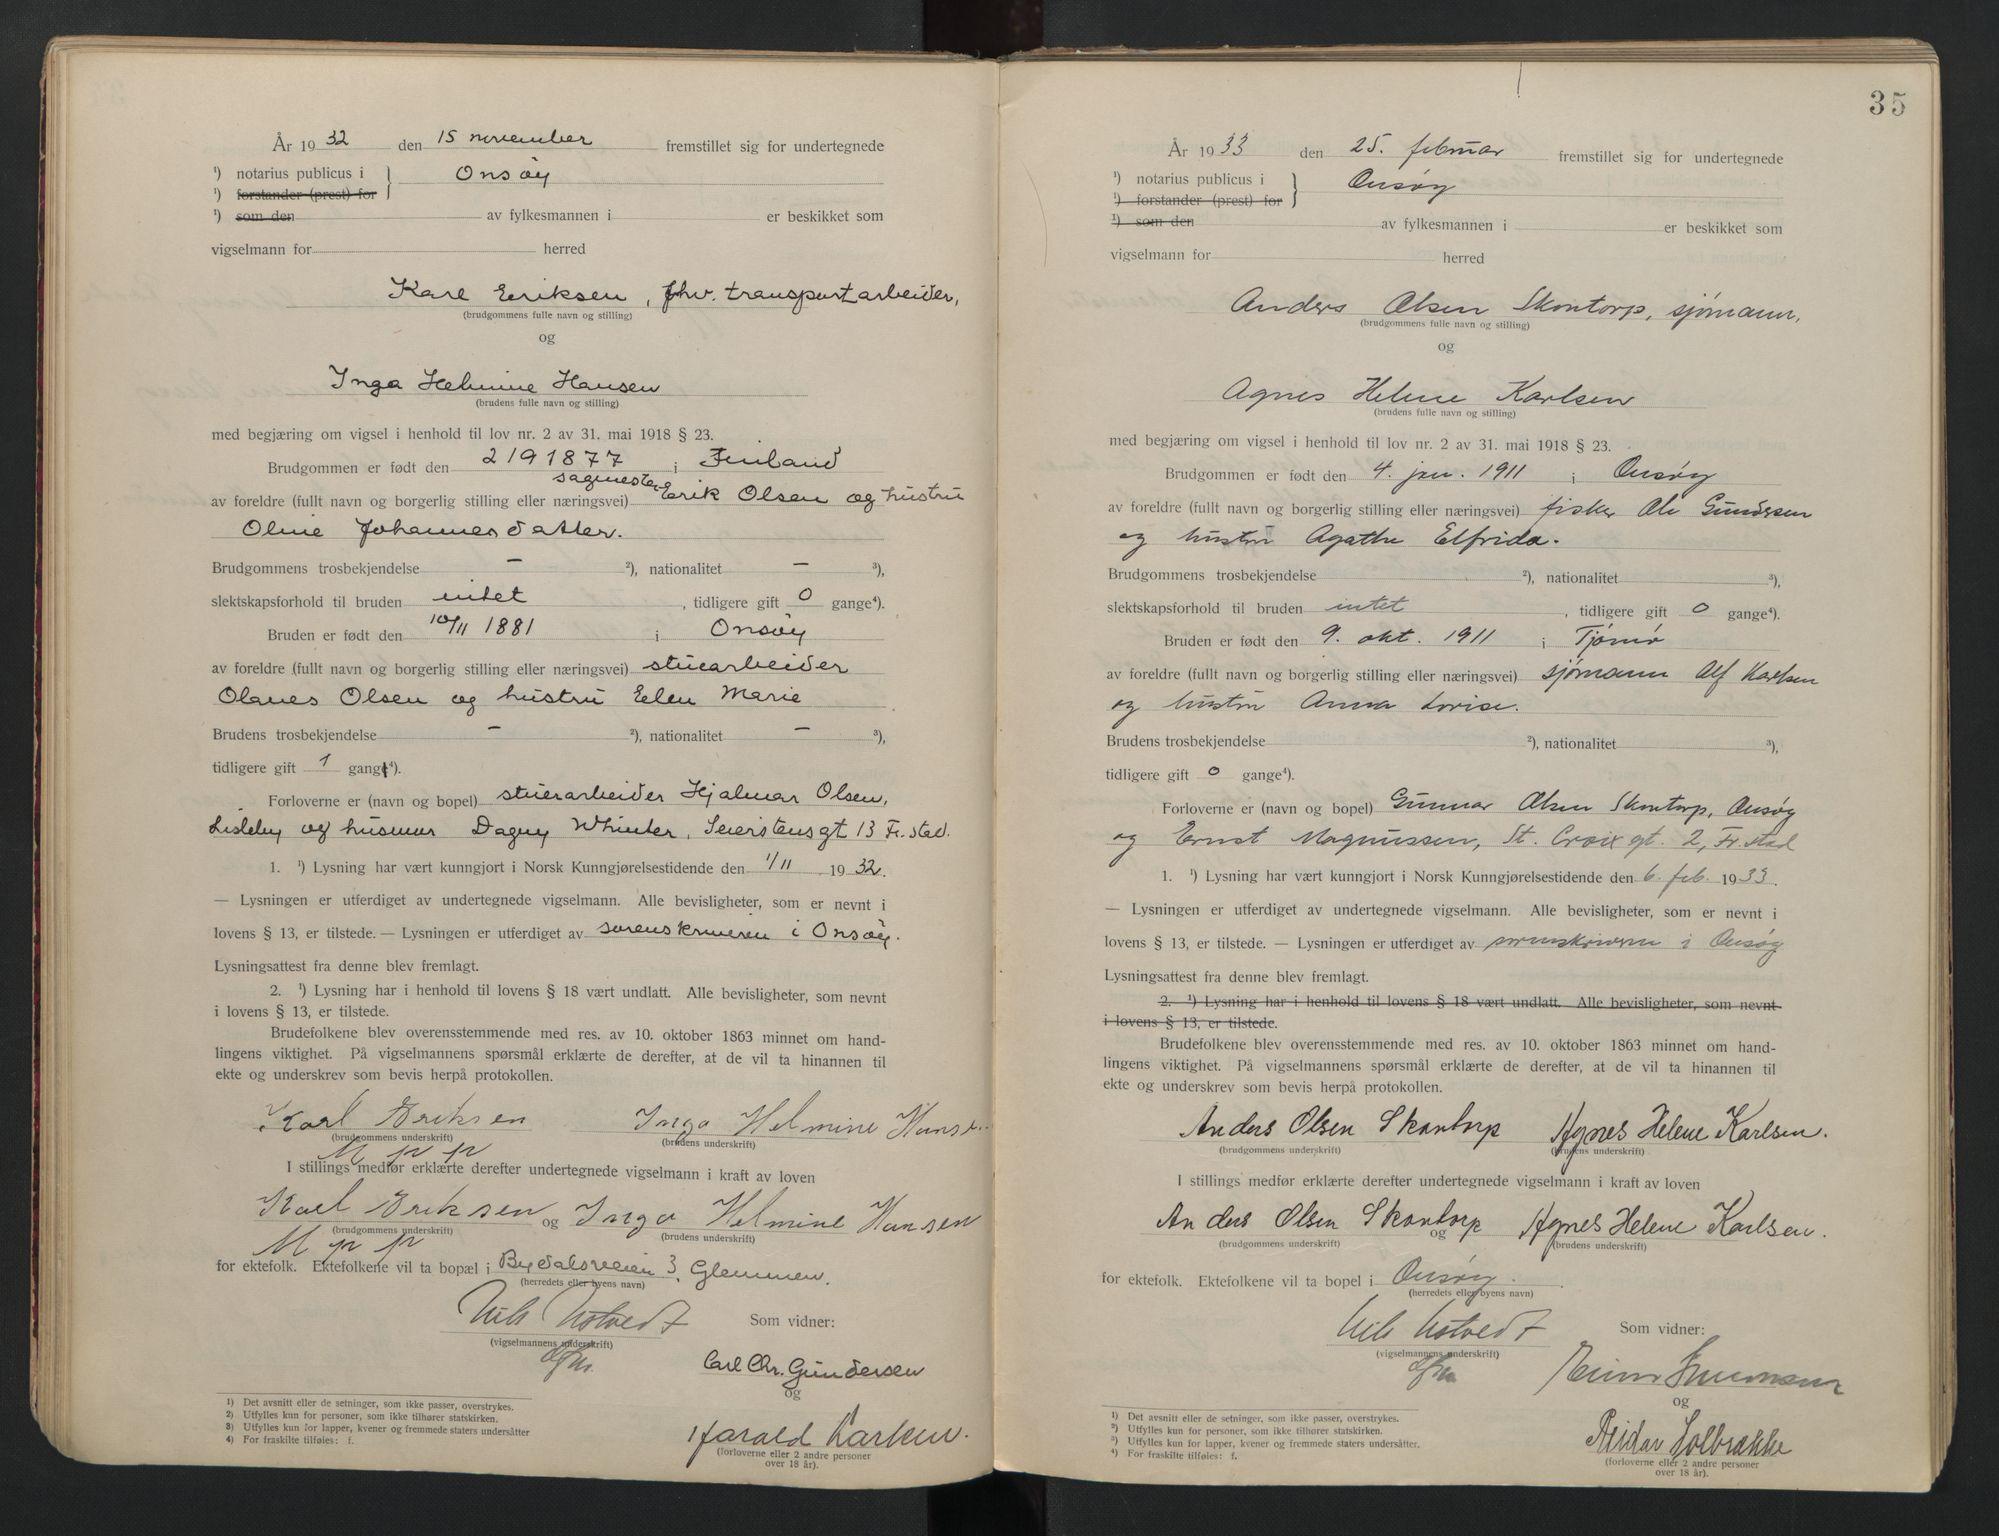 SAO, Onsøy sorenskriveri, L/La/L0001: Vigselsbok, 1920-1942, s. 35